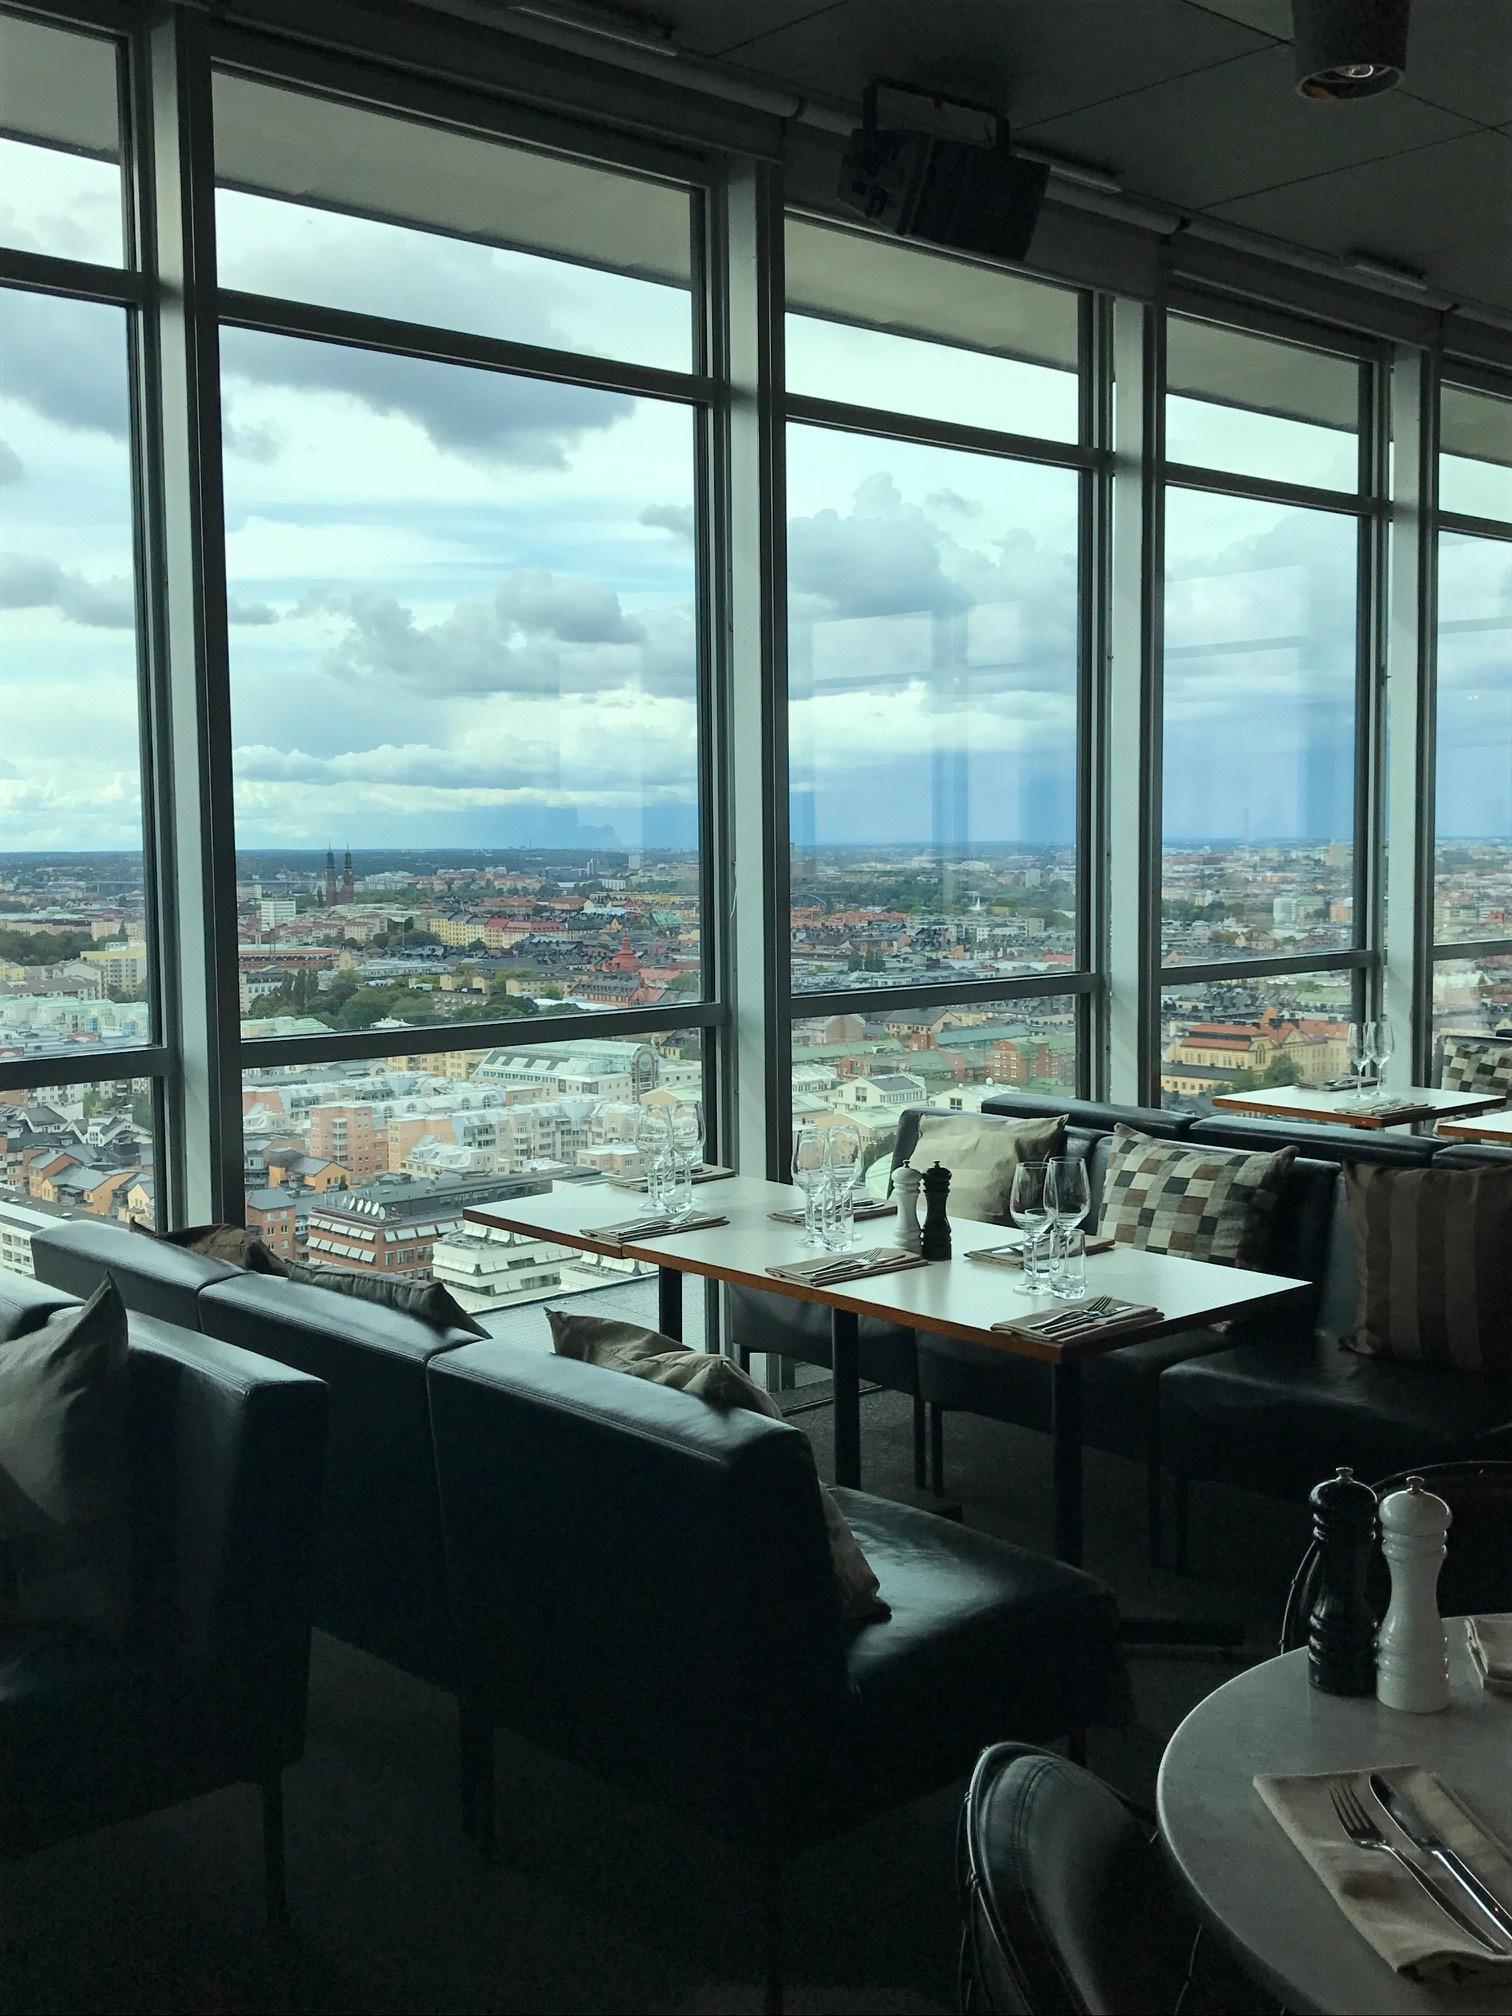 Views from Himlen Restaurant